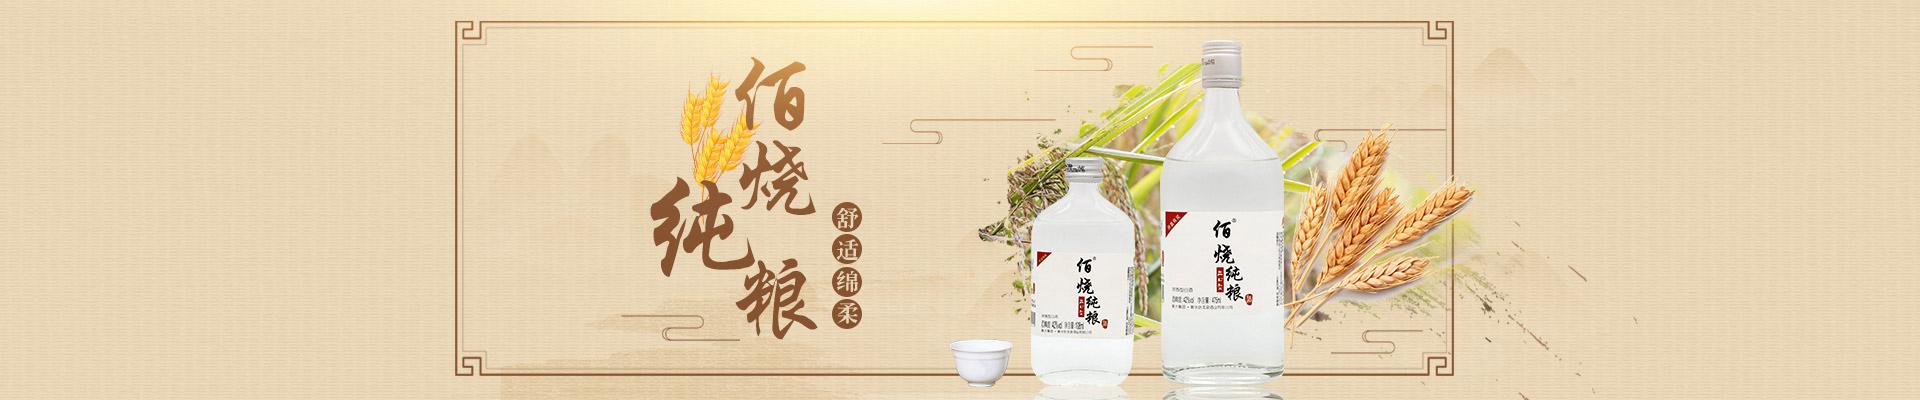 衡大集团・衡水卧龙泉酒业有限公司